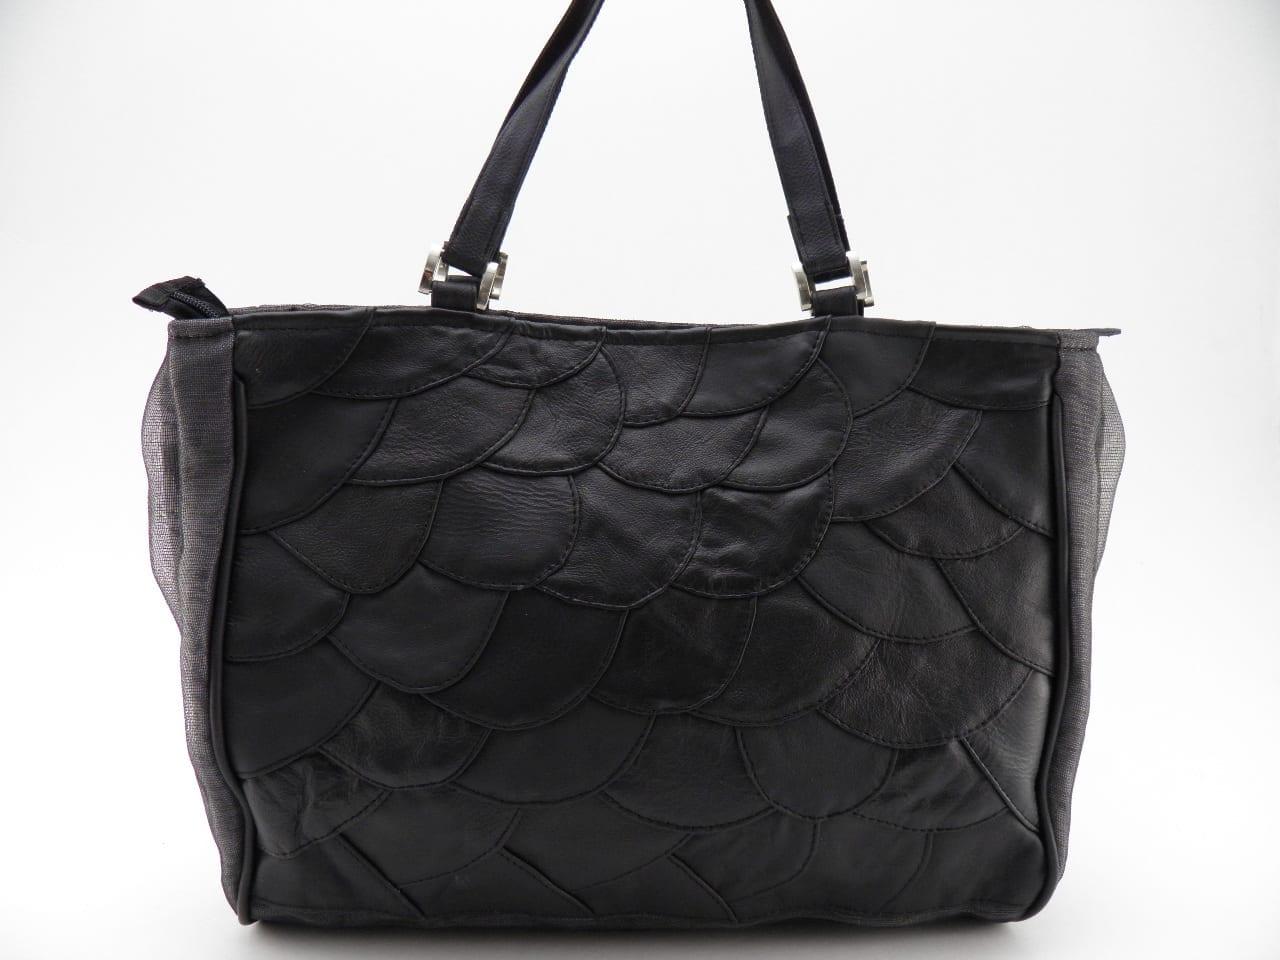 post eco friendly leather bag bil p storeman. Black Bedroom Furniture Sets. Home Design Ideas